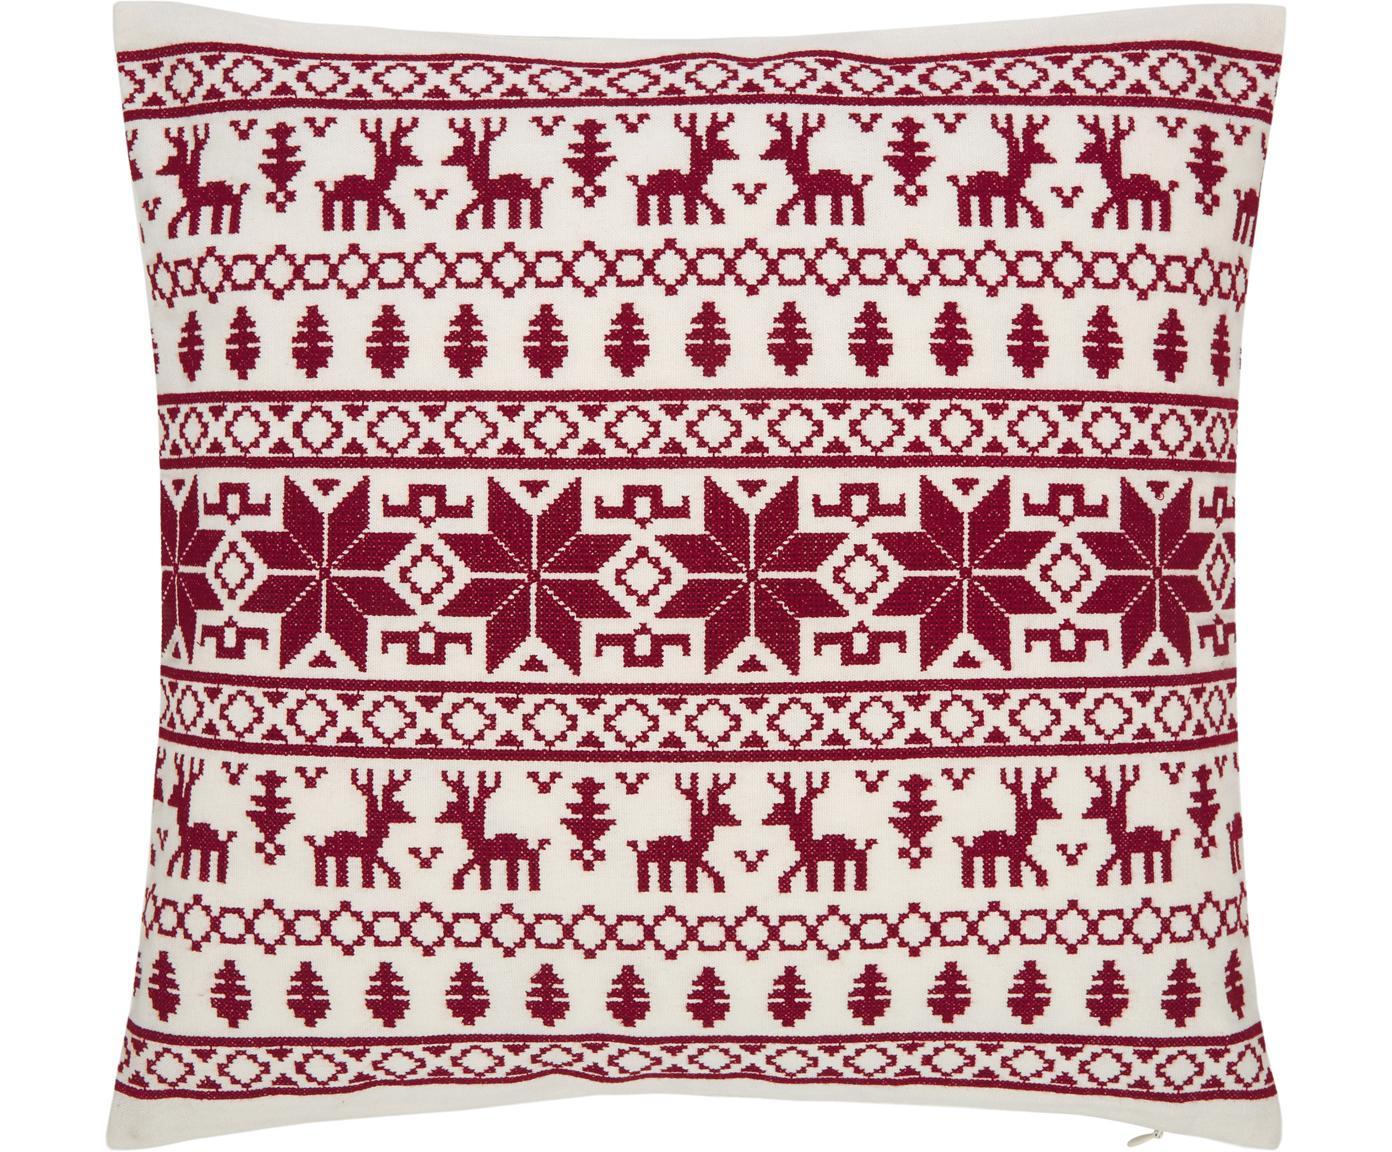 Kissenhülle Orkney mit winterlichen Motiven, 100% Baumwolle, Rot, Cremeweiß, 45 x 45 cm